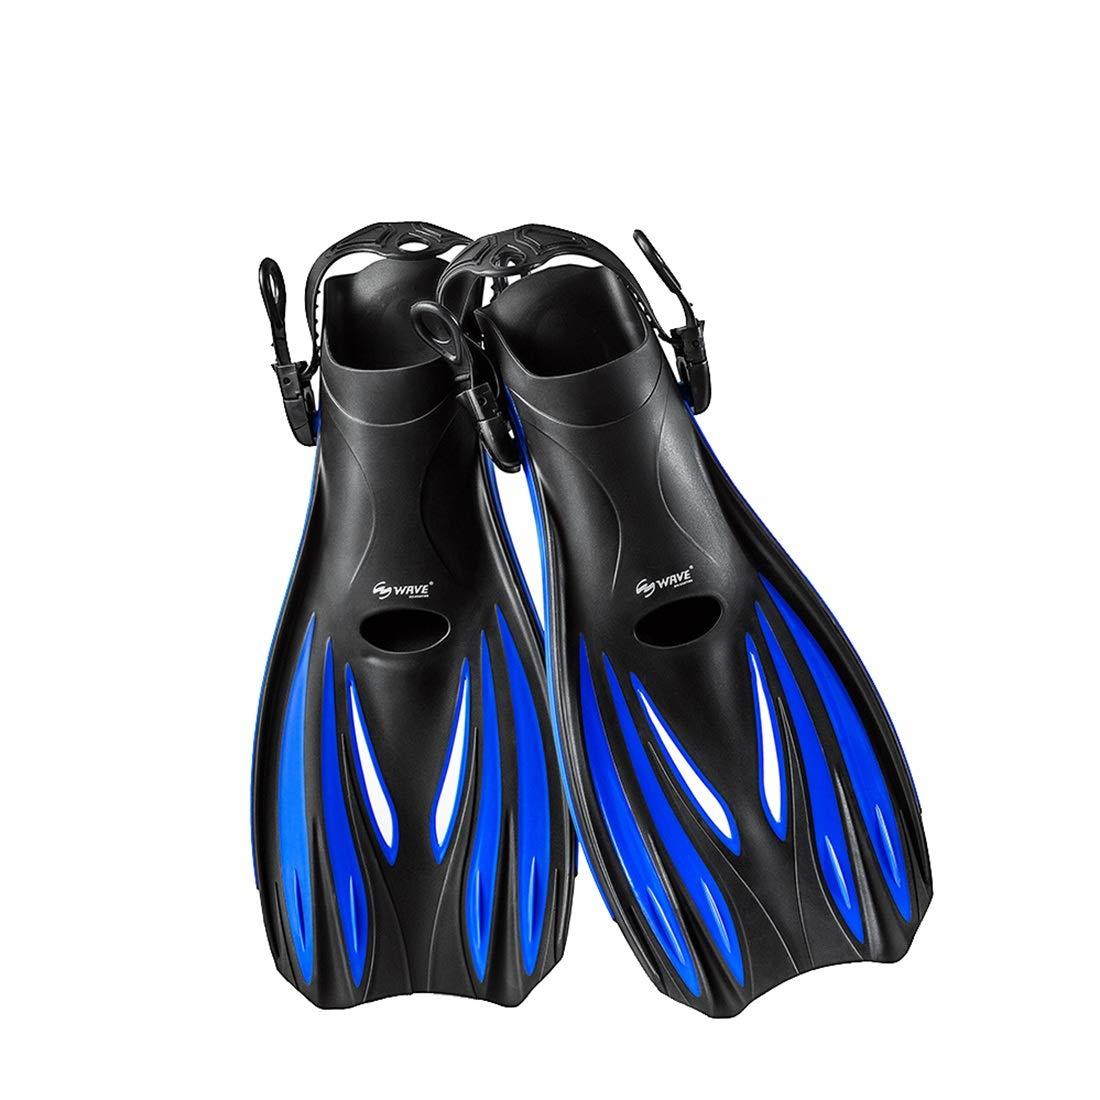 Aikemi kasur 水泳活動のための大人のシュノーケリングのひれの足のダイビングフィンの水泳のレッスン (Color : Black blue, サイズ : S) B07QG6CXYY Black blue Medium Medium|Black blue